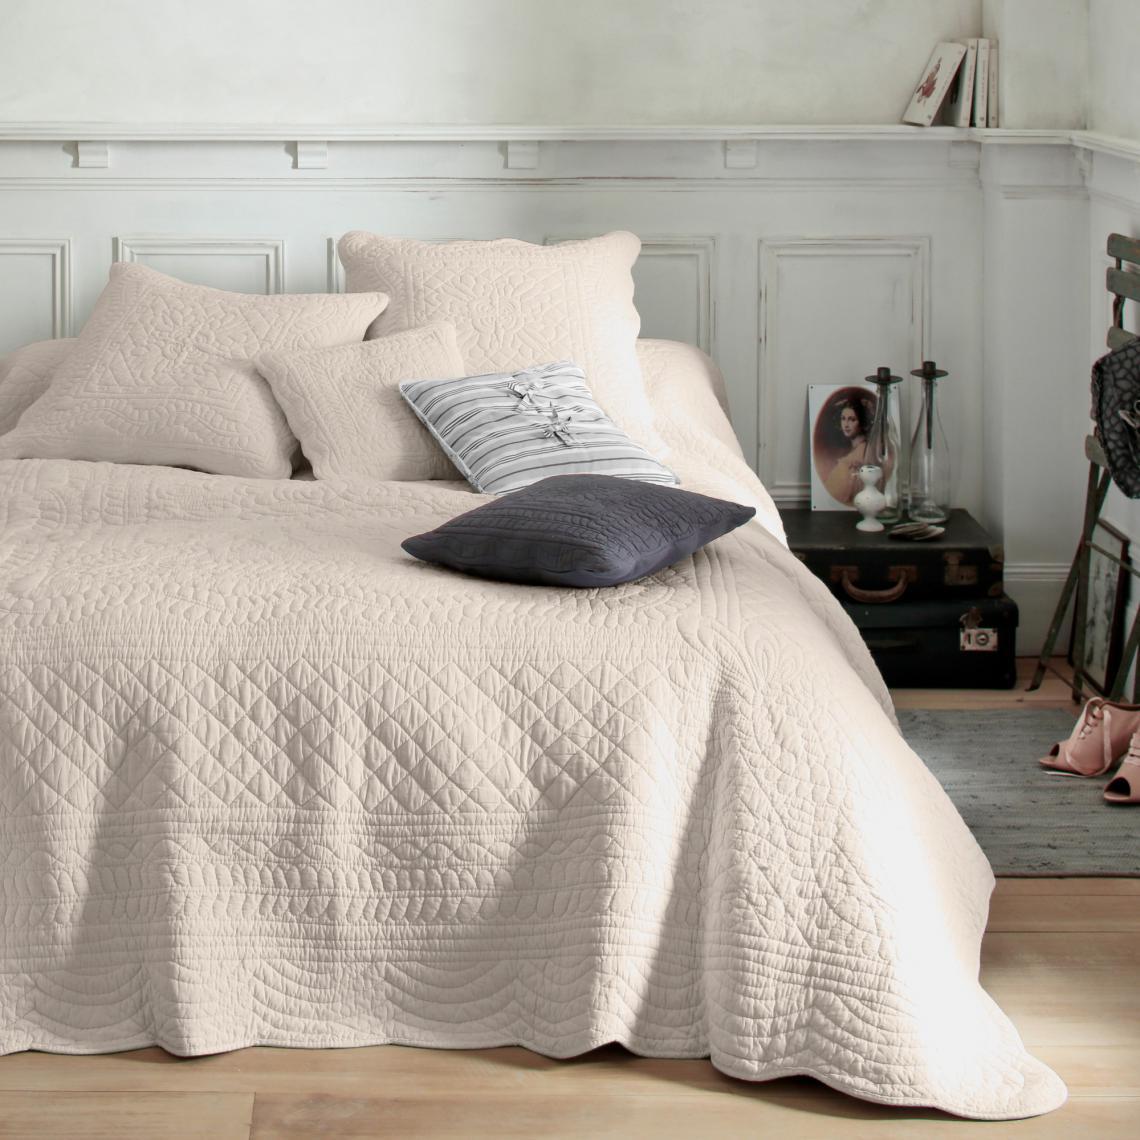 Plaid, jeté de lit ou couvre lit boutis coton matelassé tertio